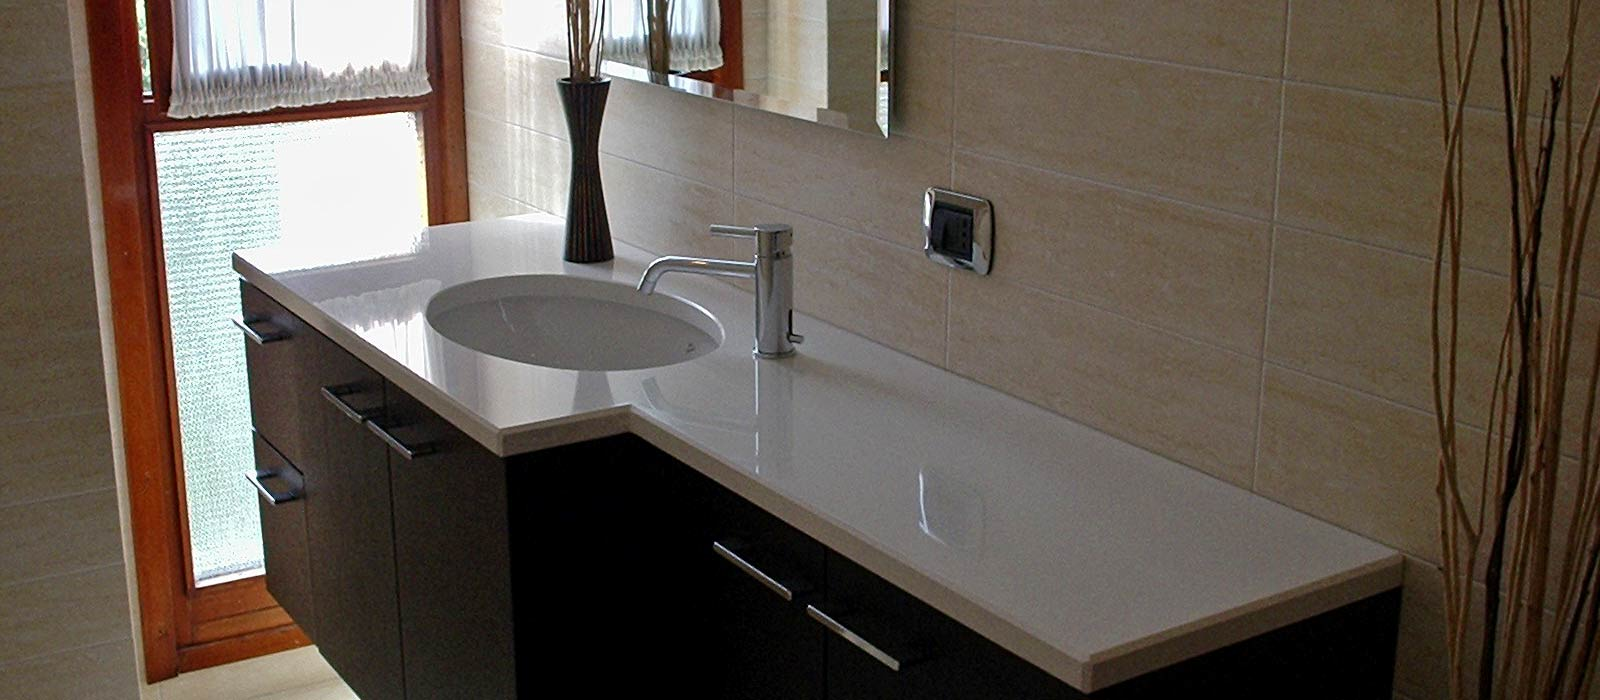 Rifacimento bagno impresa edile della toffola - Preventivo per rifacimento bagno ...